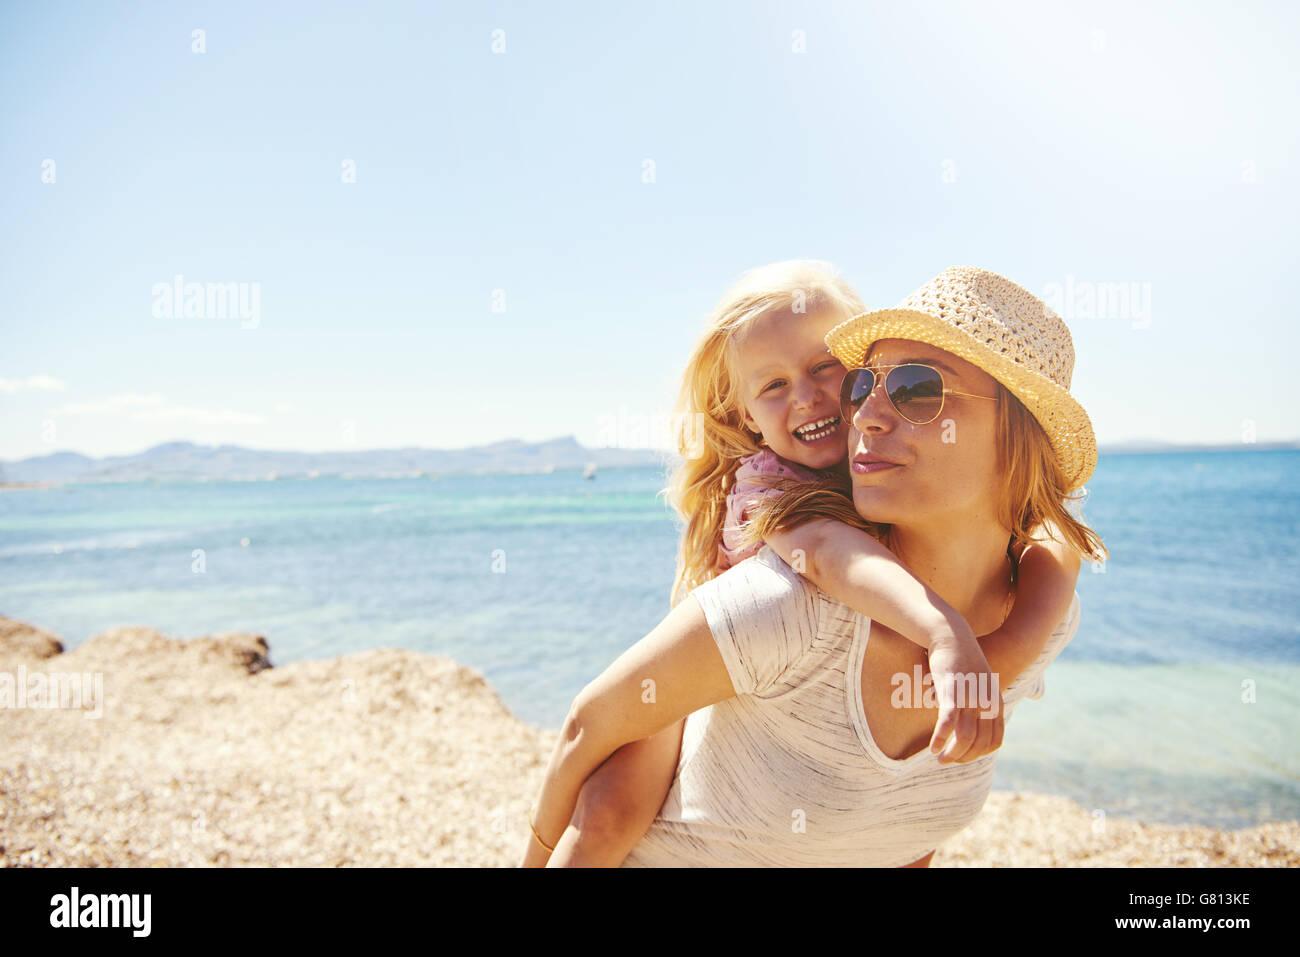 Laughing vivaz rubia chica con su madre en la playa cabalgando sobre ella en un piggy back en una orilla rocosa, Imagen De Stock